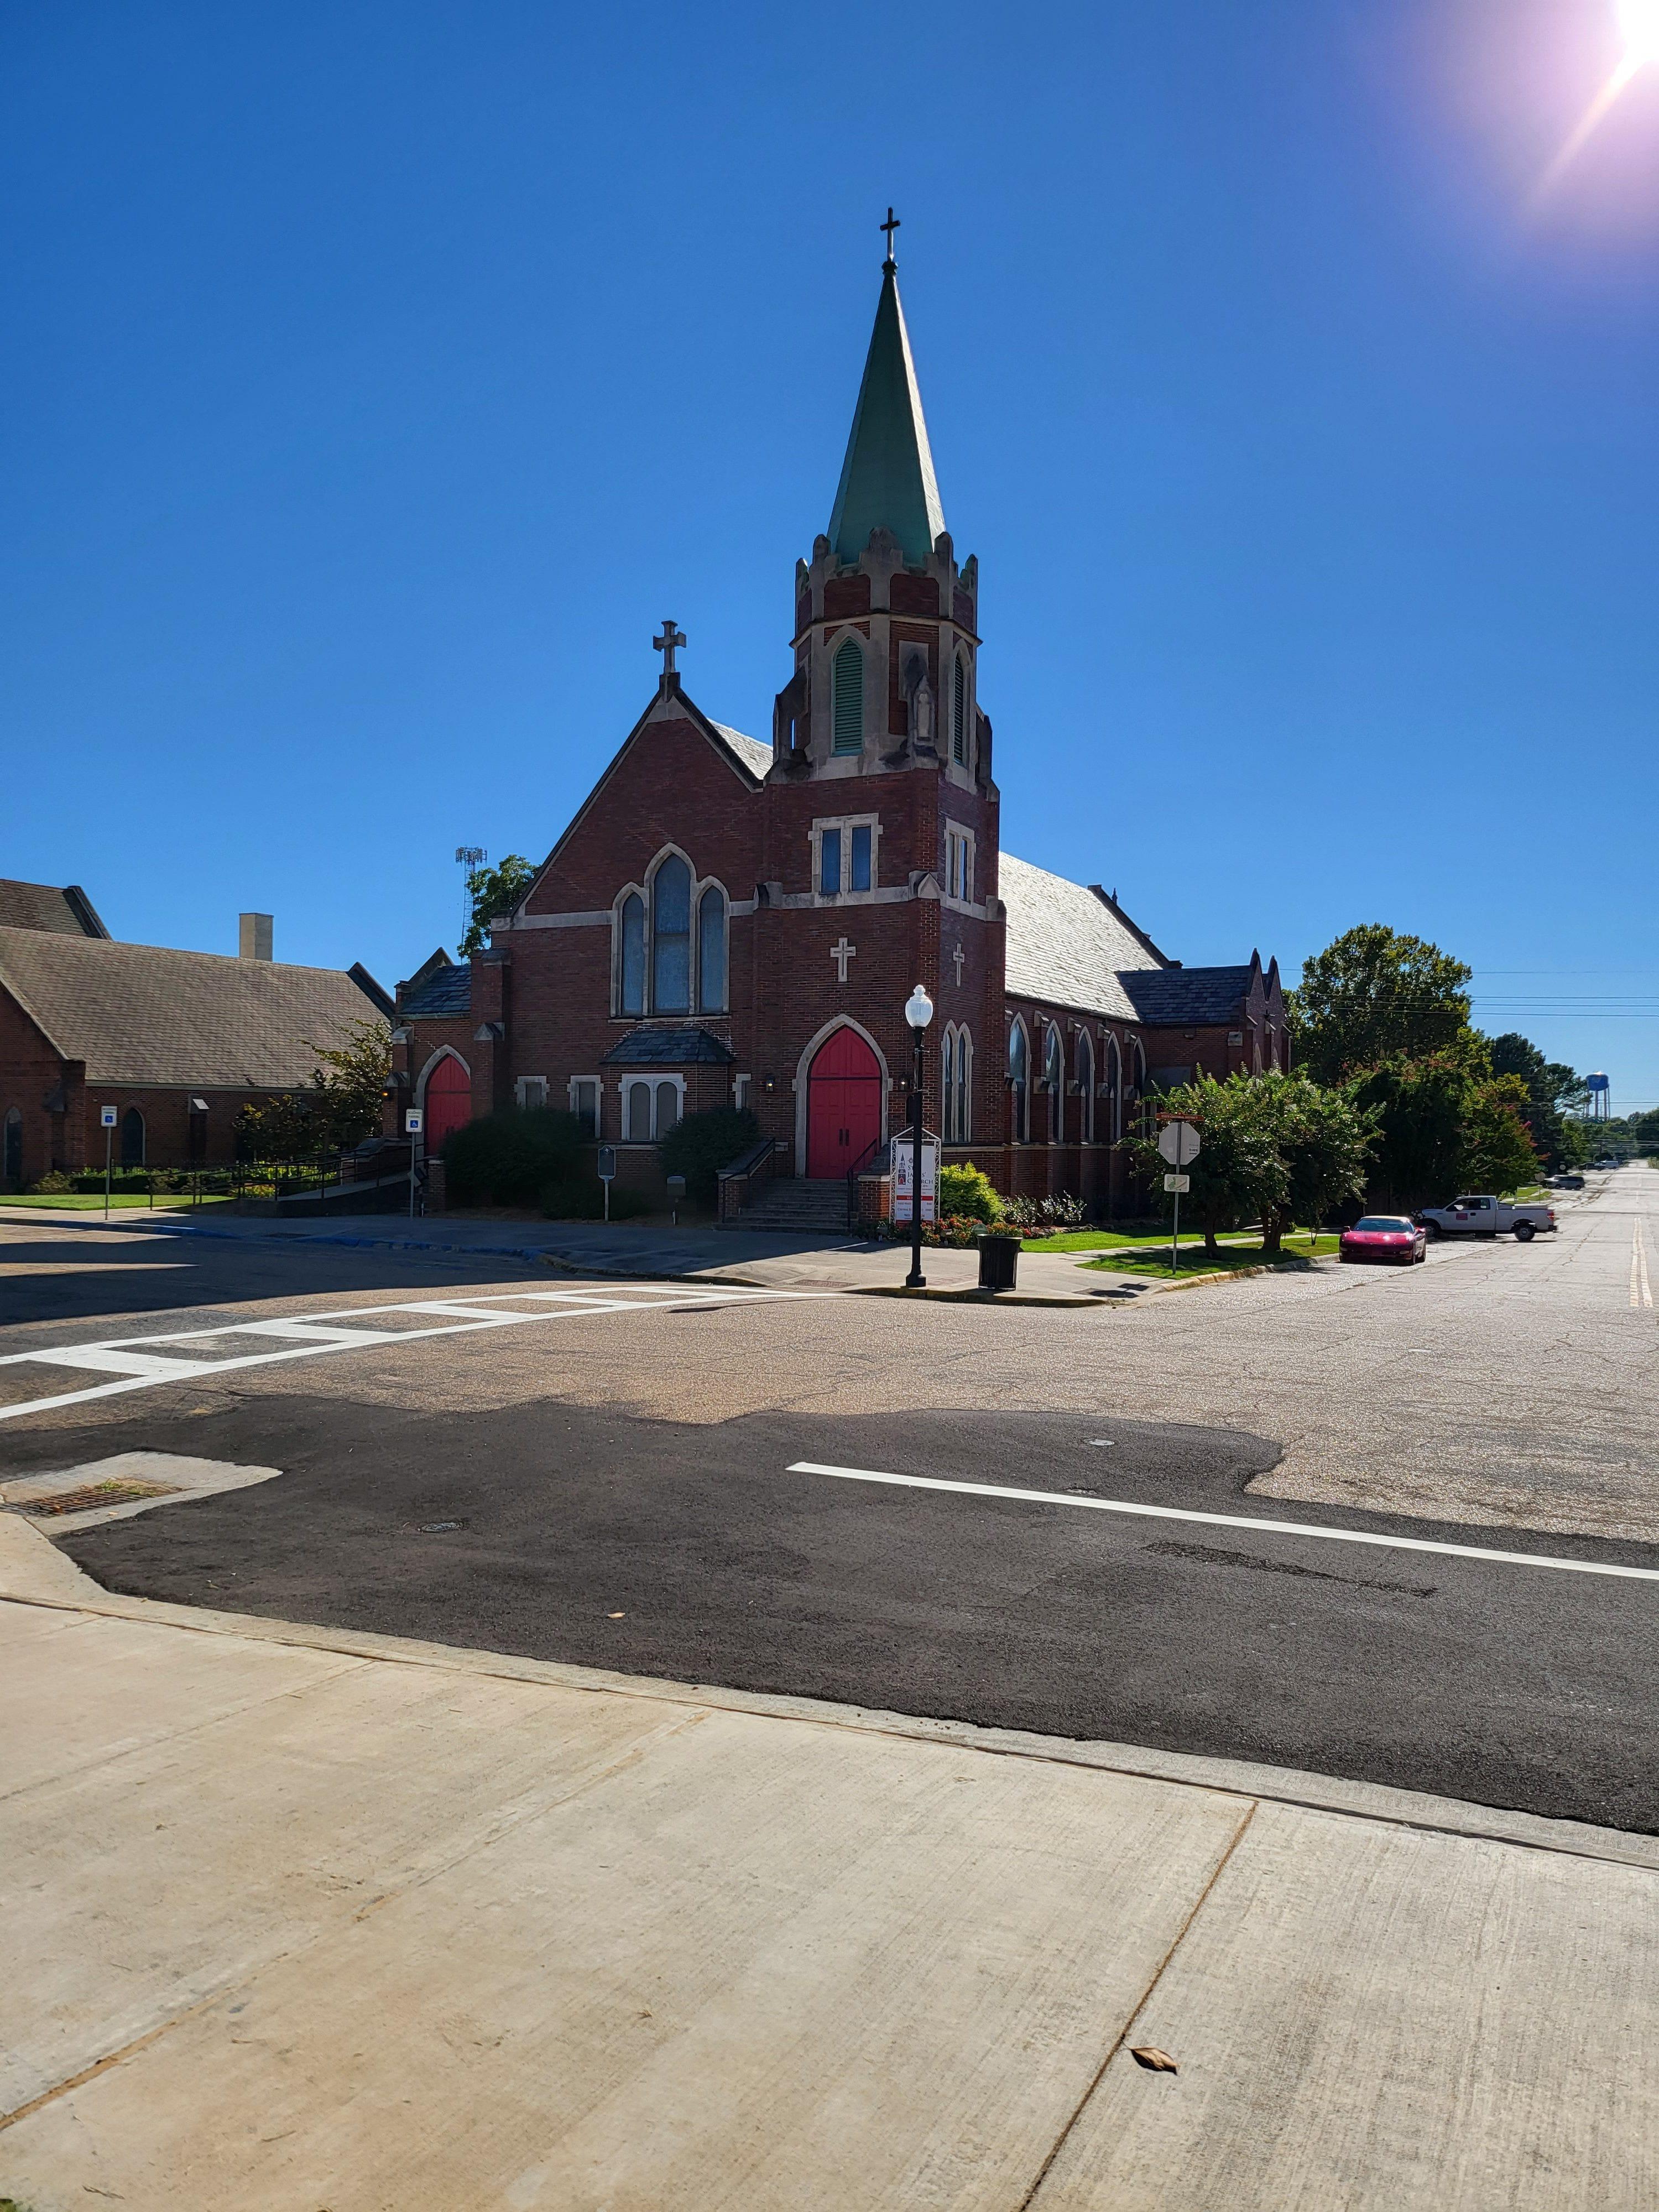 An old church